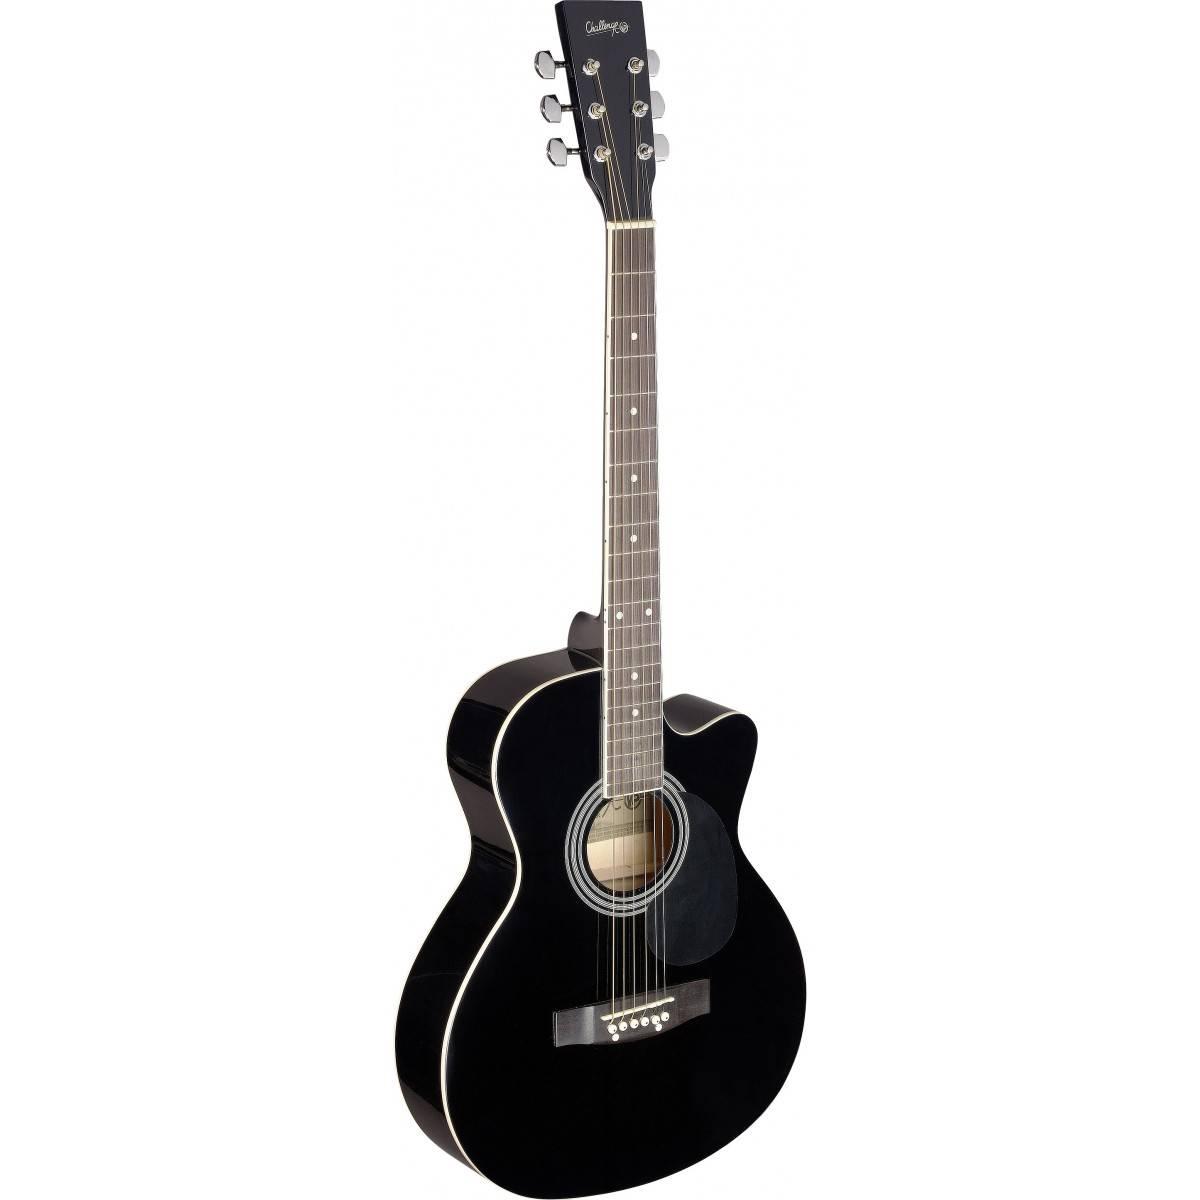 Guitare Folk Acoustique Noir